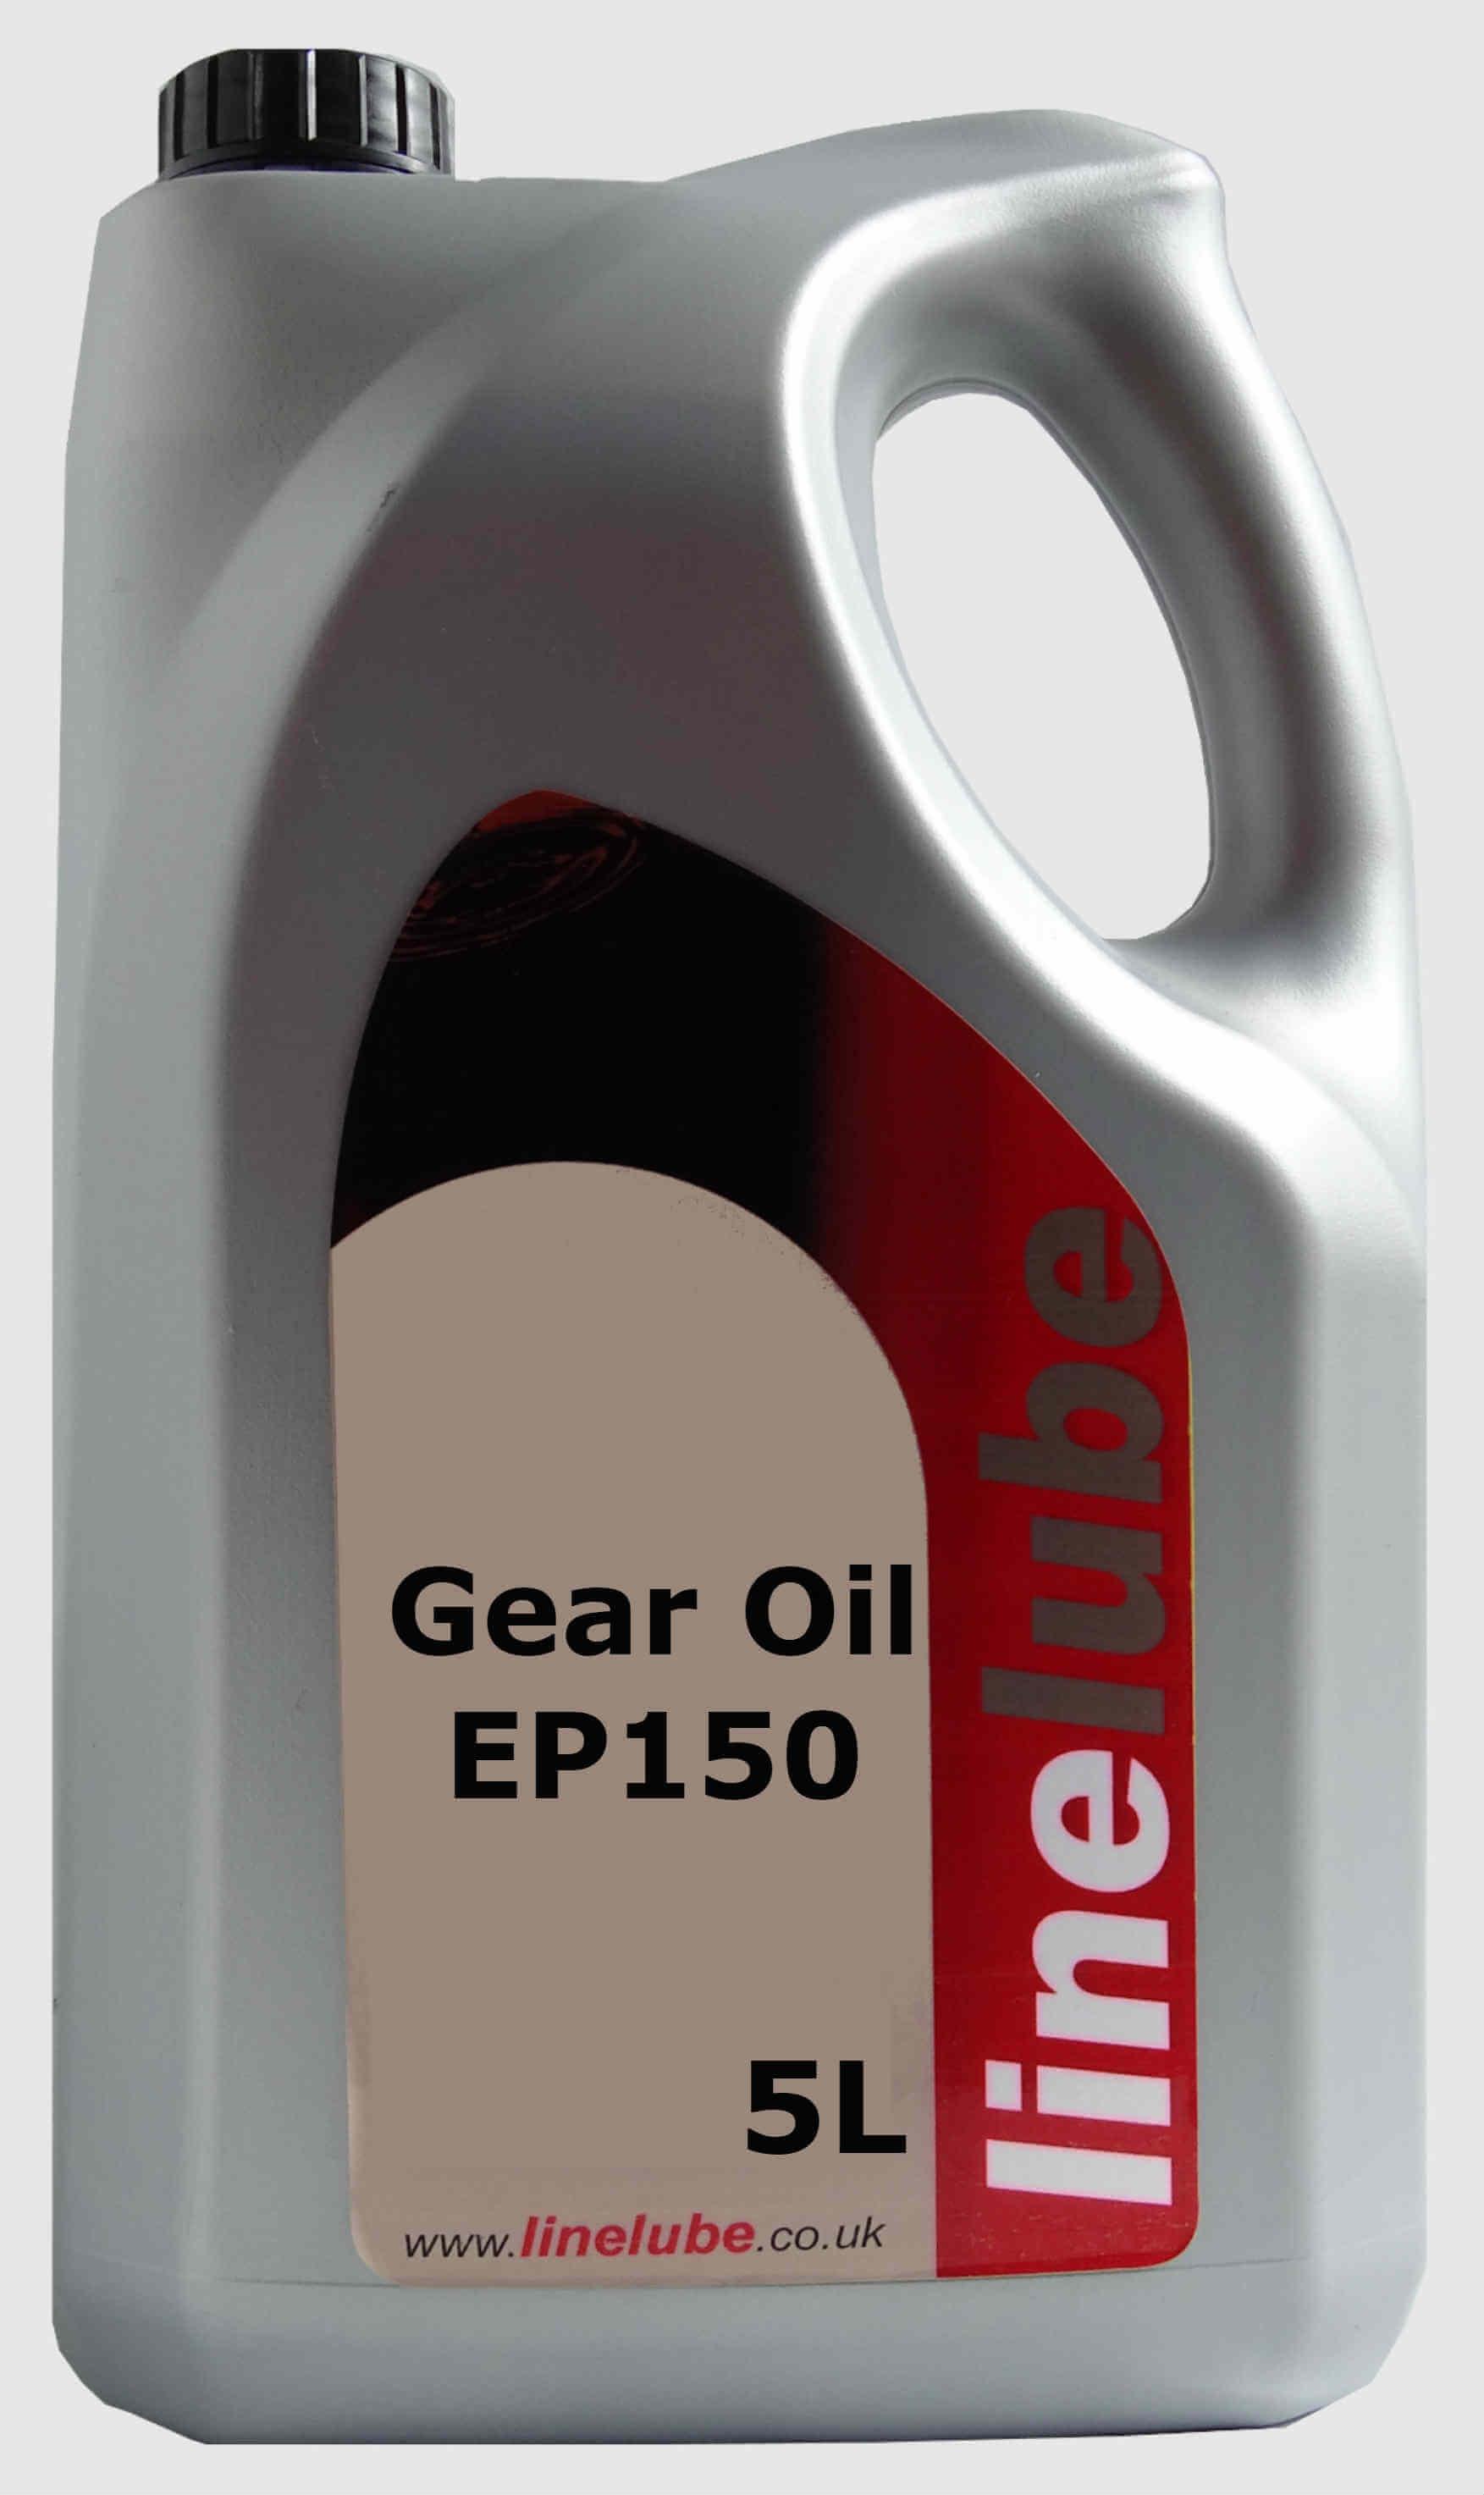 Linelube Gear Oil EP150